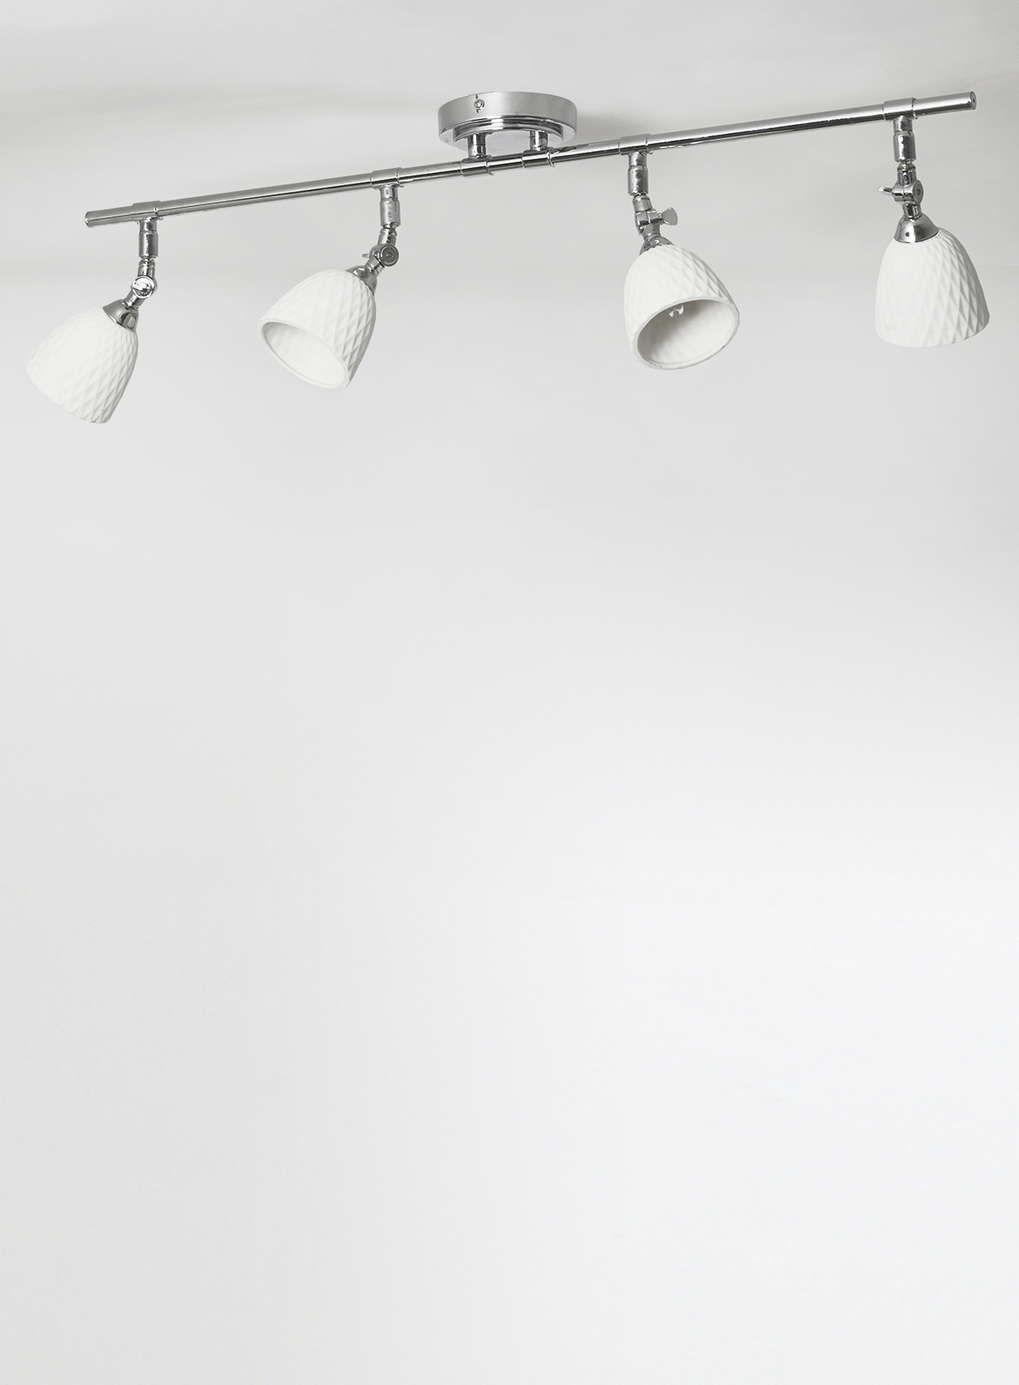 White Ceramic 4 Light Bar Spotlights - BHS | Lighting for home ...